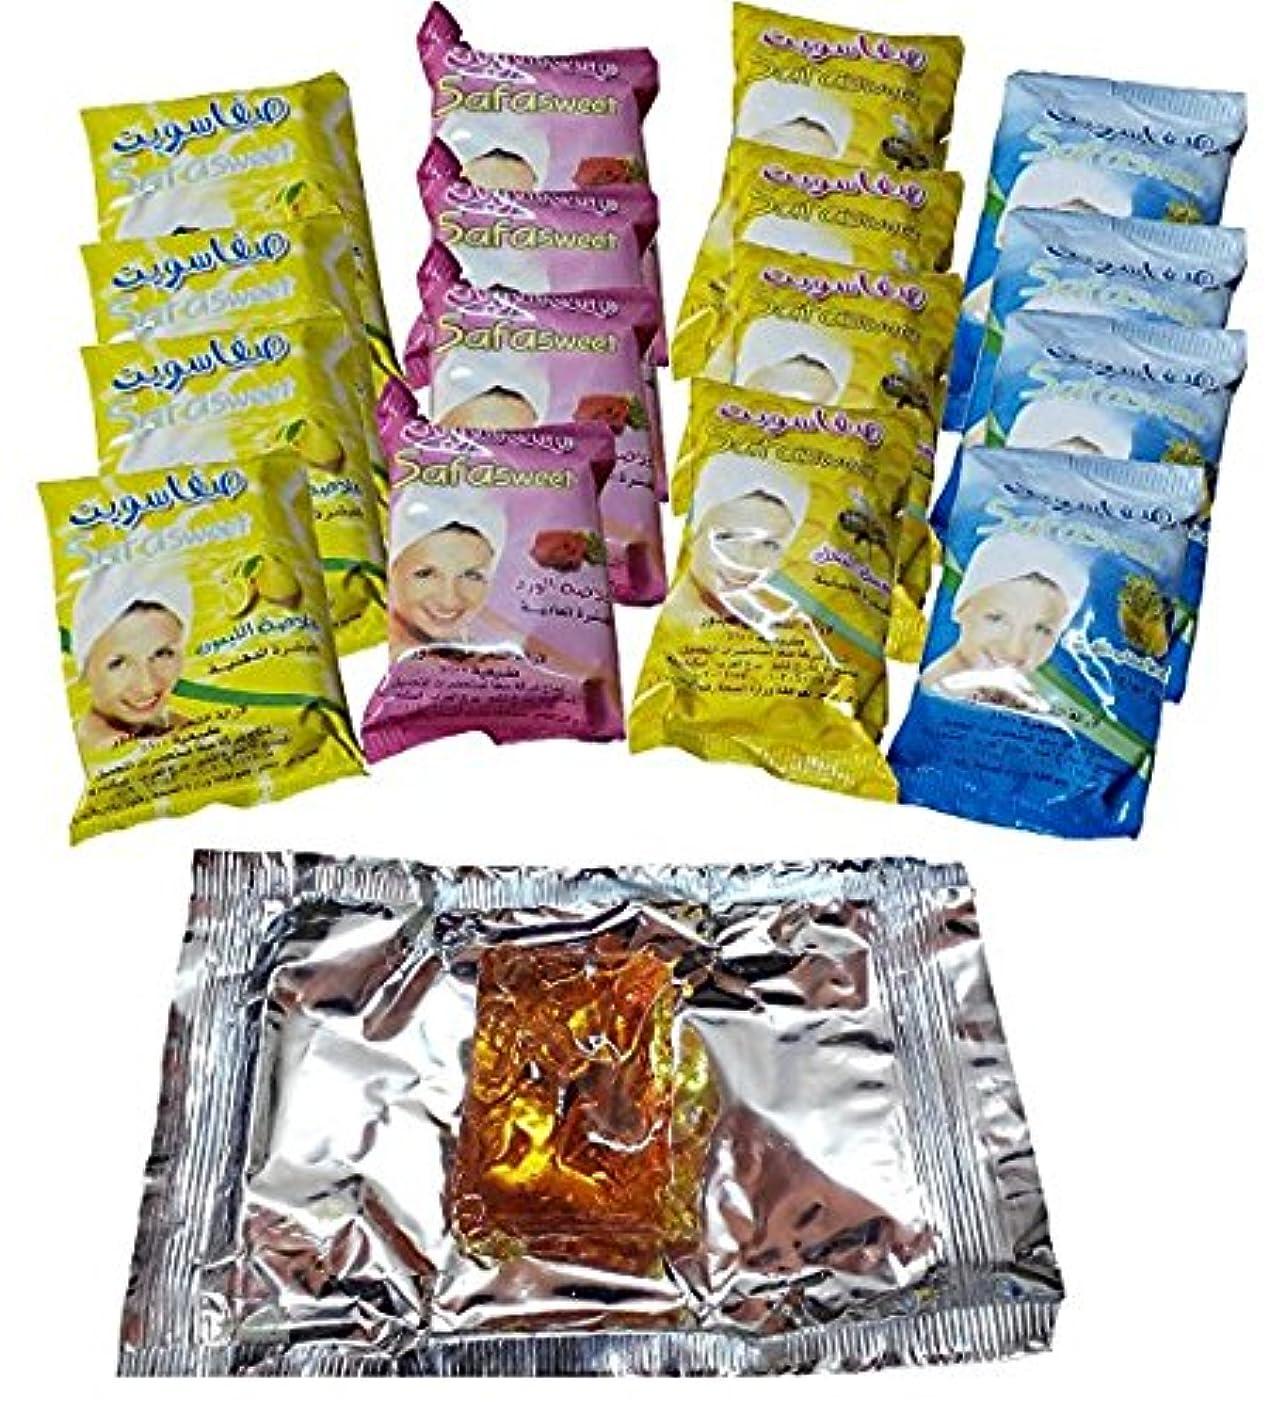 キウイリレー耳16 Sweet Packet 800 gm Sugaring Sugar Wax Hair Removal 100% Natural All Essence